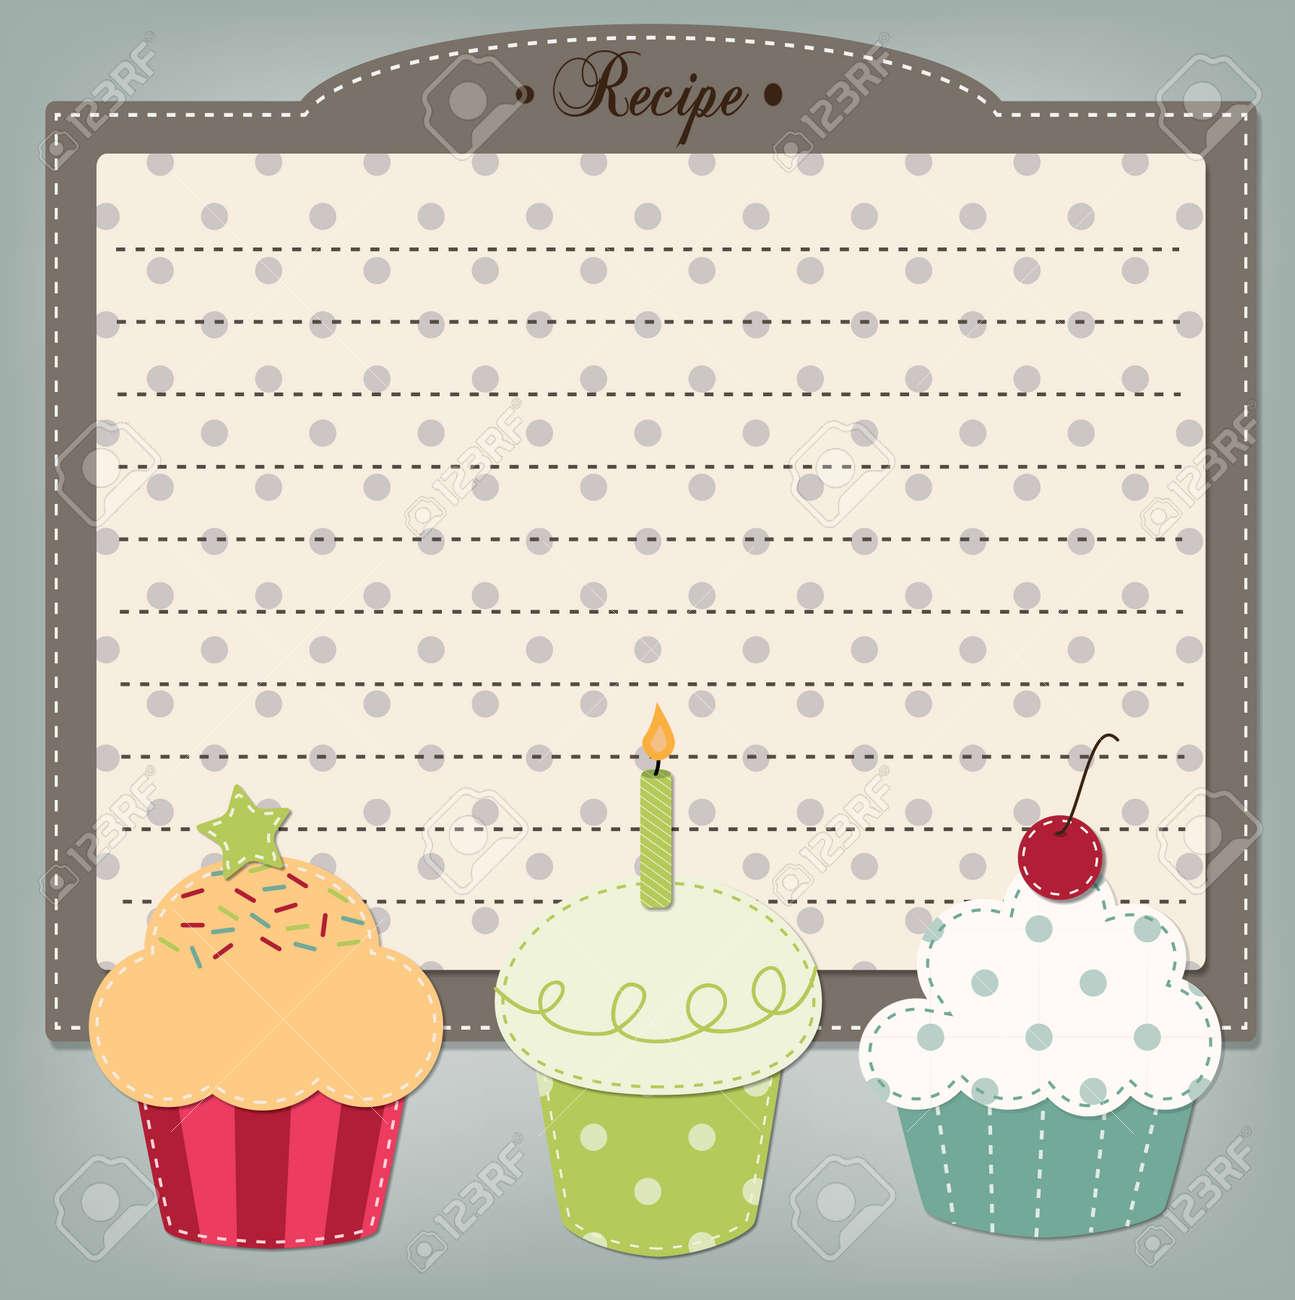 Retro cupcake recipe card menu or birthday invitation dashed retro cupcake recipe card menu or birthday invitation dashed lines for text stock vector stopboris Choice Image